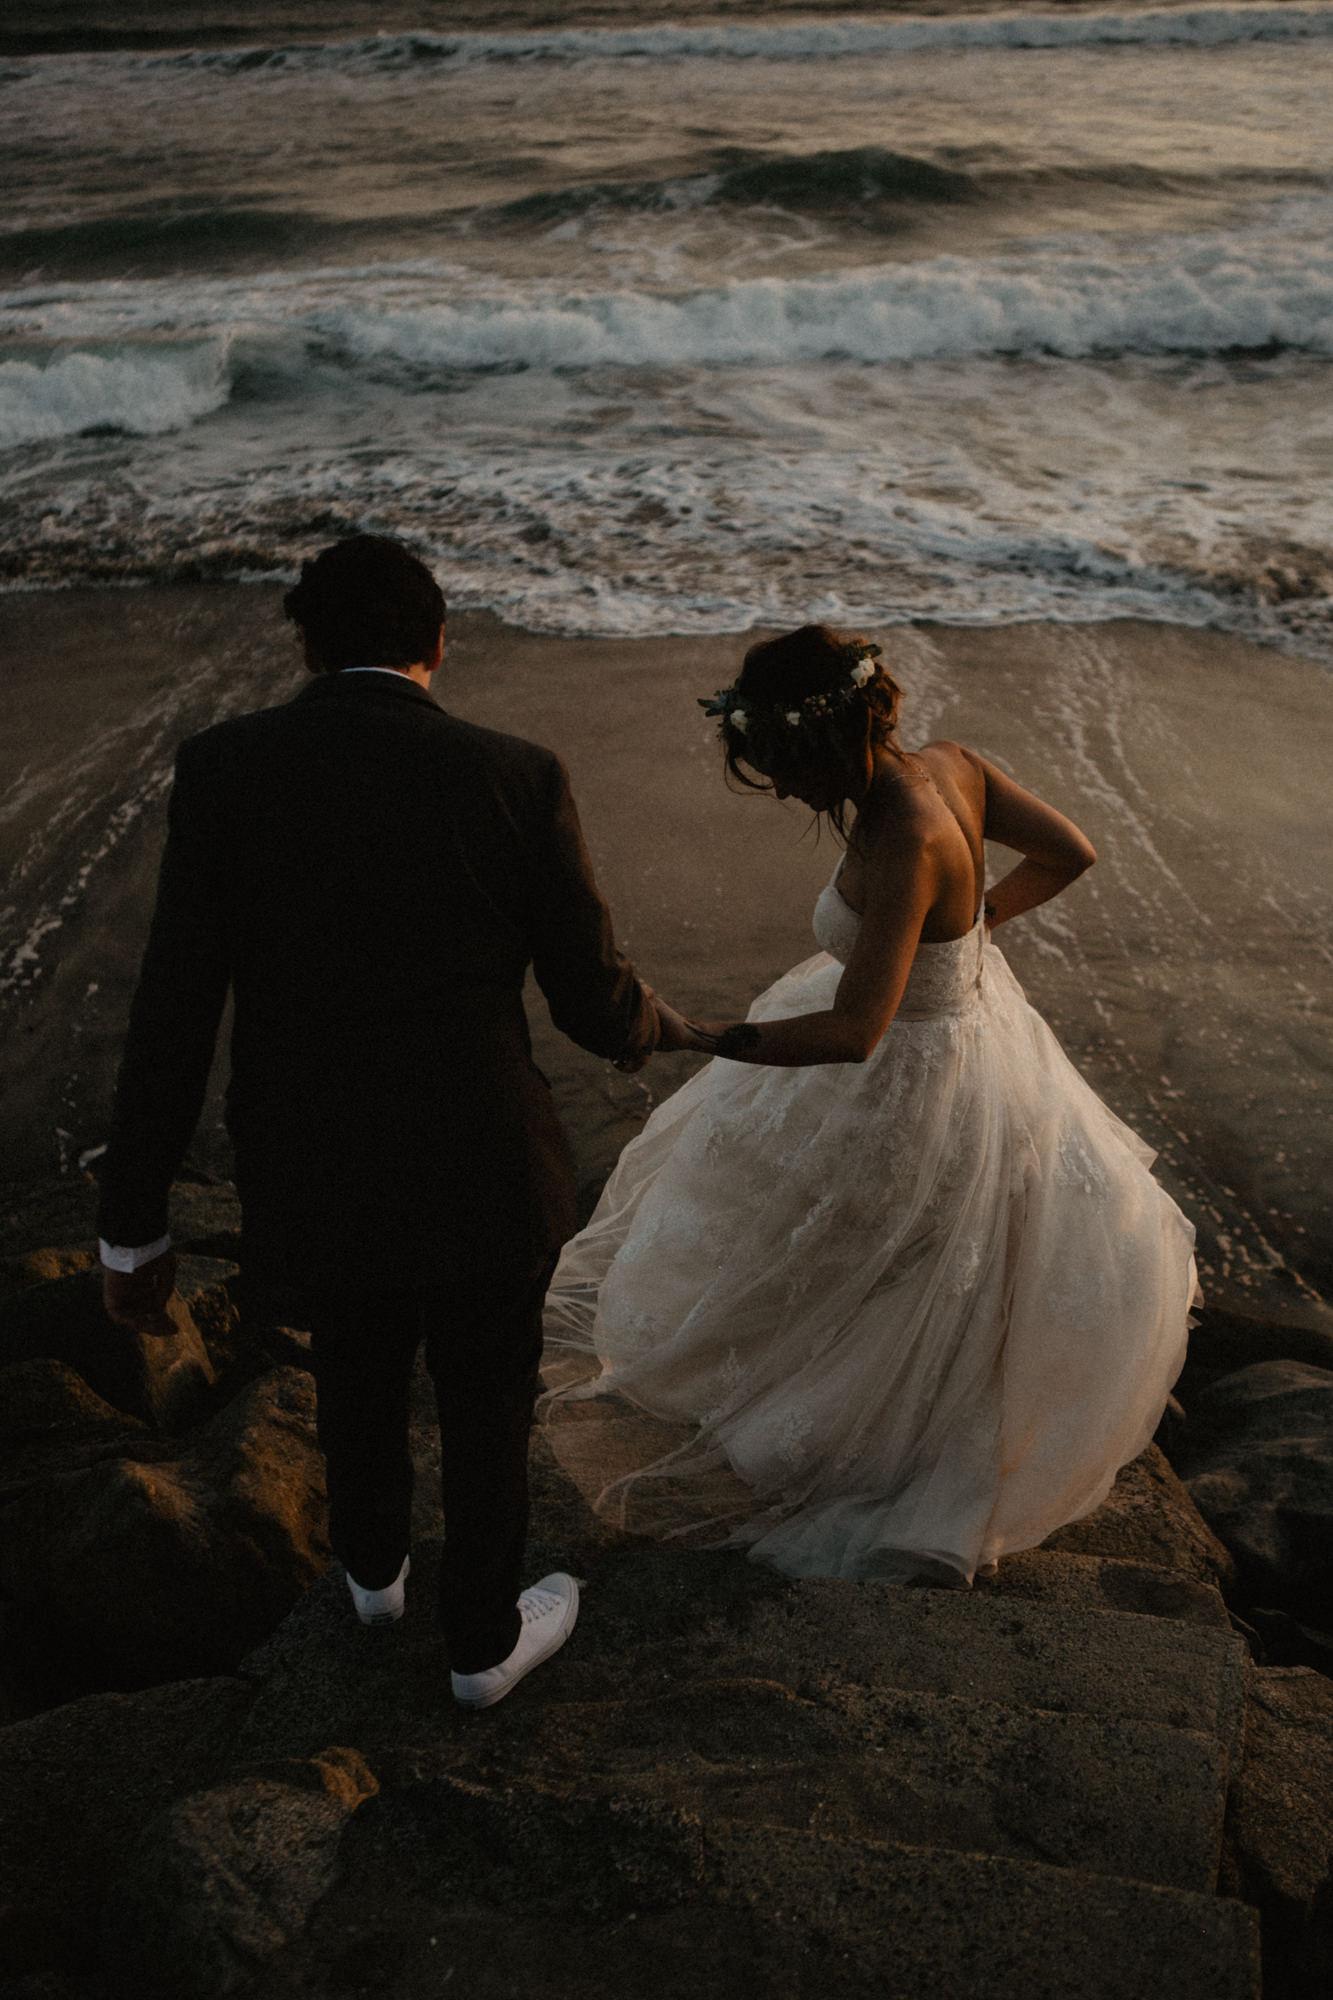 oceanside_airbnb_wedding-59.jpg